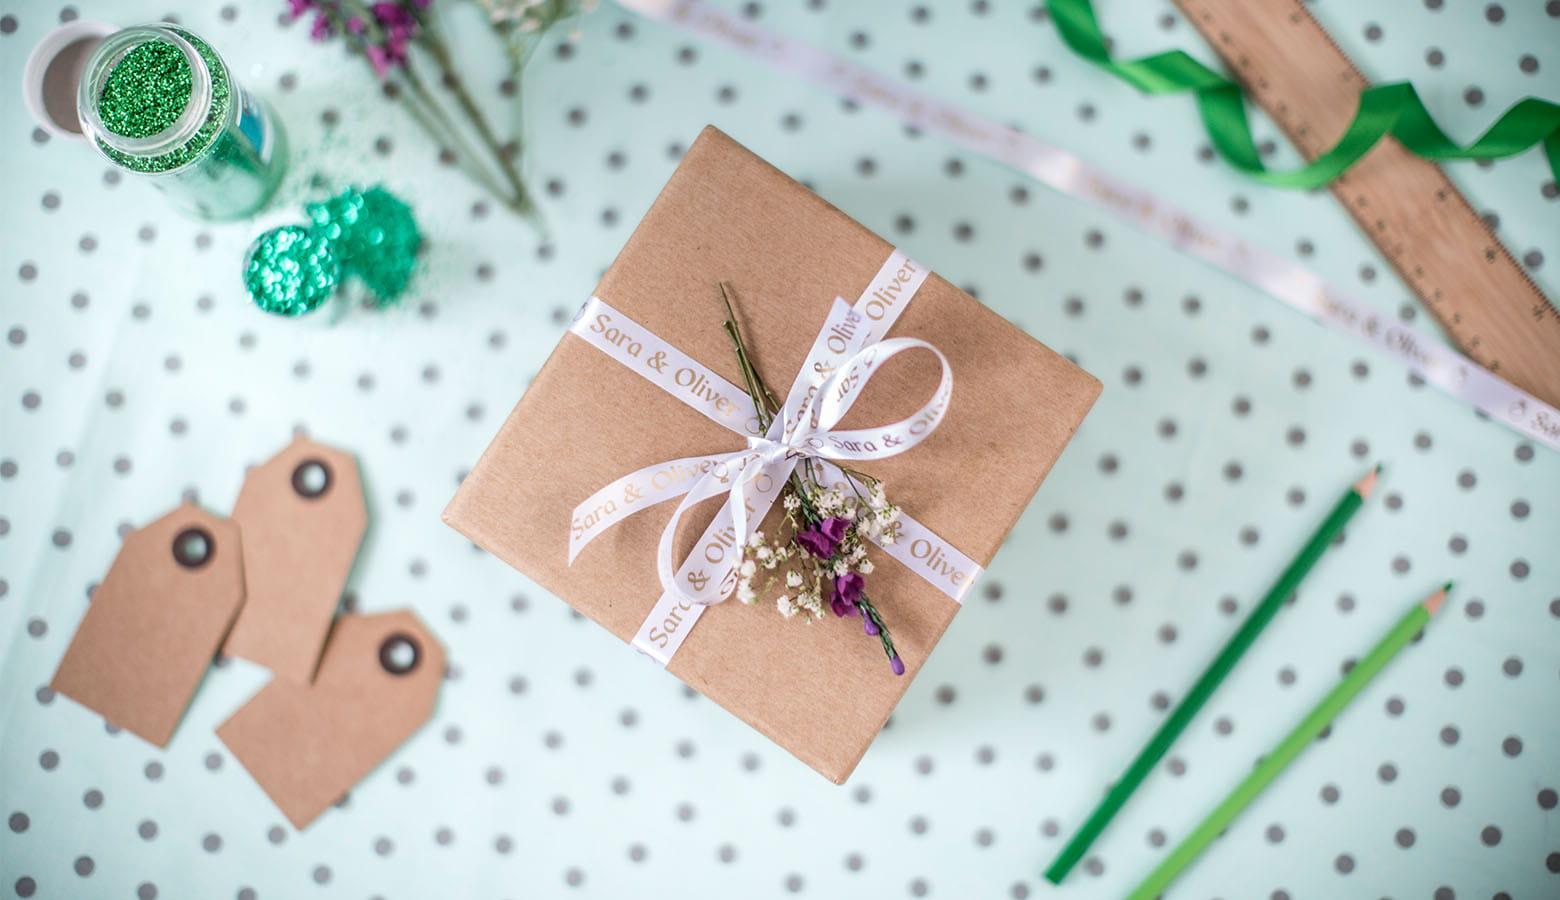 Carousel-Geschenk